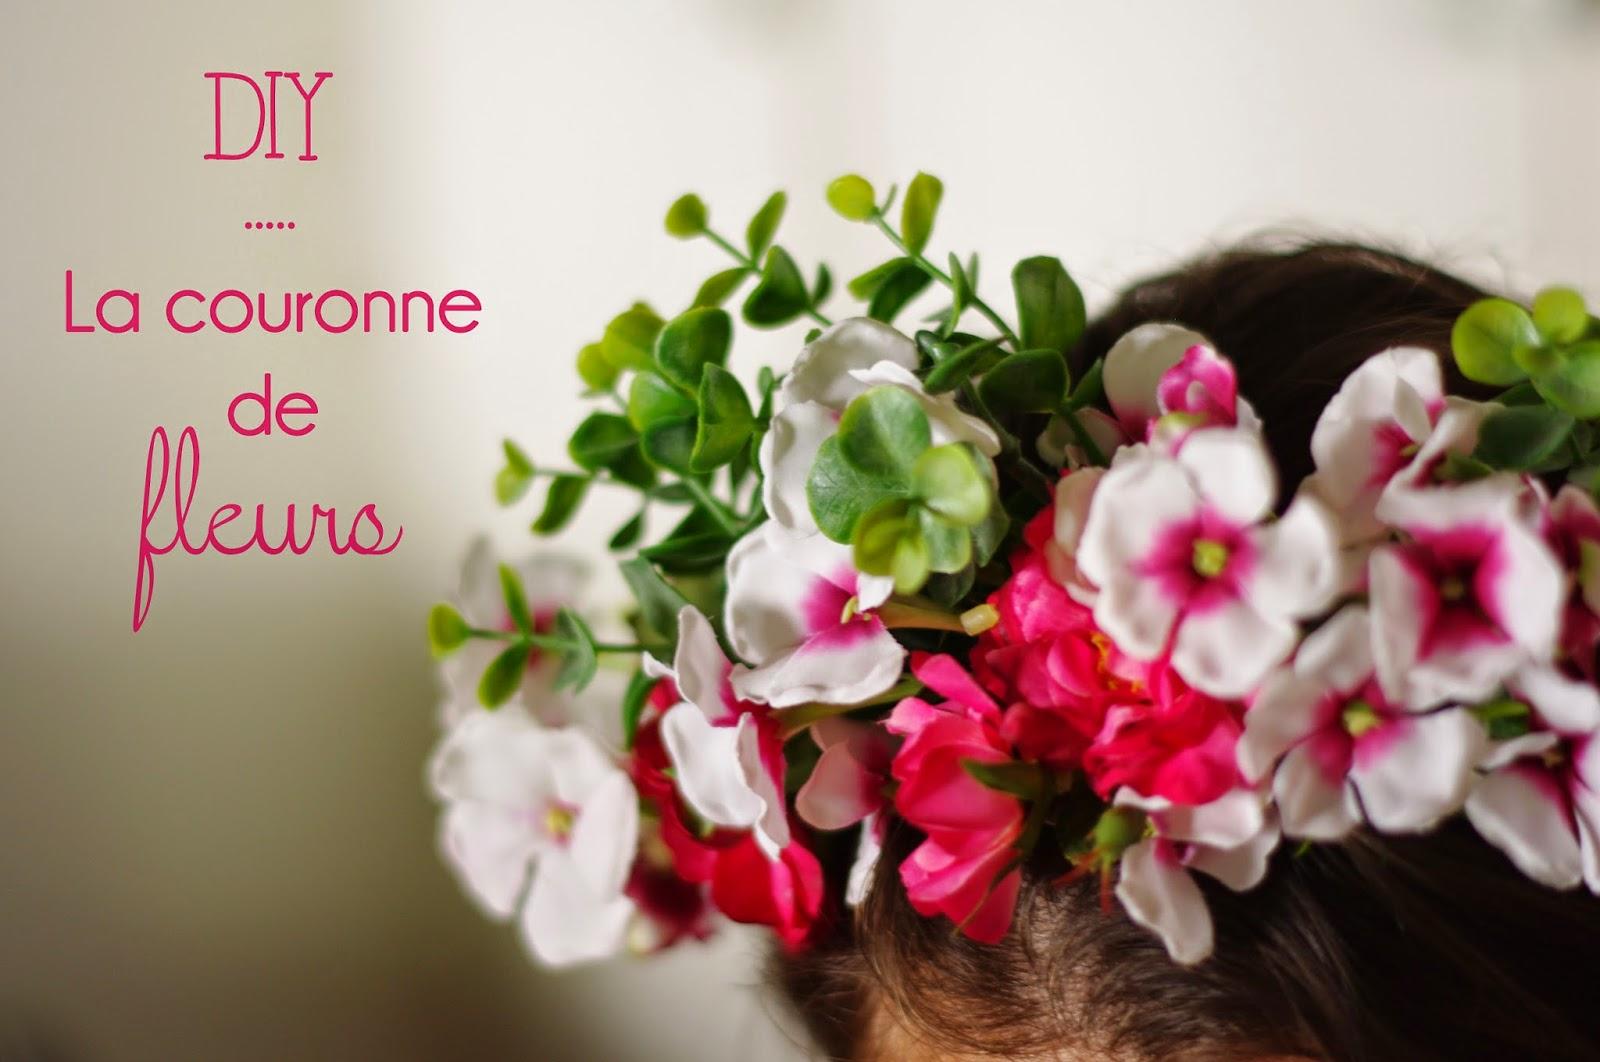 diy la couronne de fleurs hello balthazar blog diy voyages et lifestyle. Black Bedroom Furniture Sets. Home Design Ideas